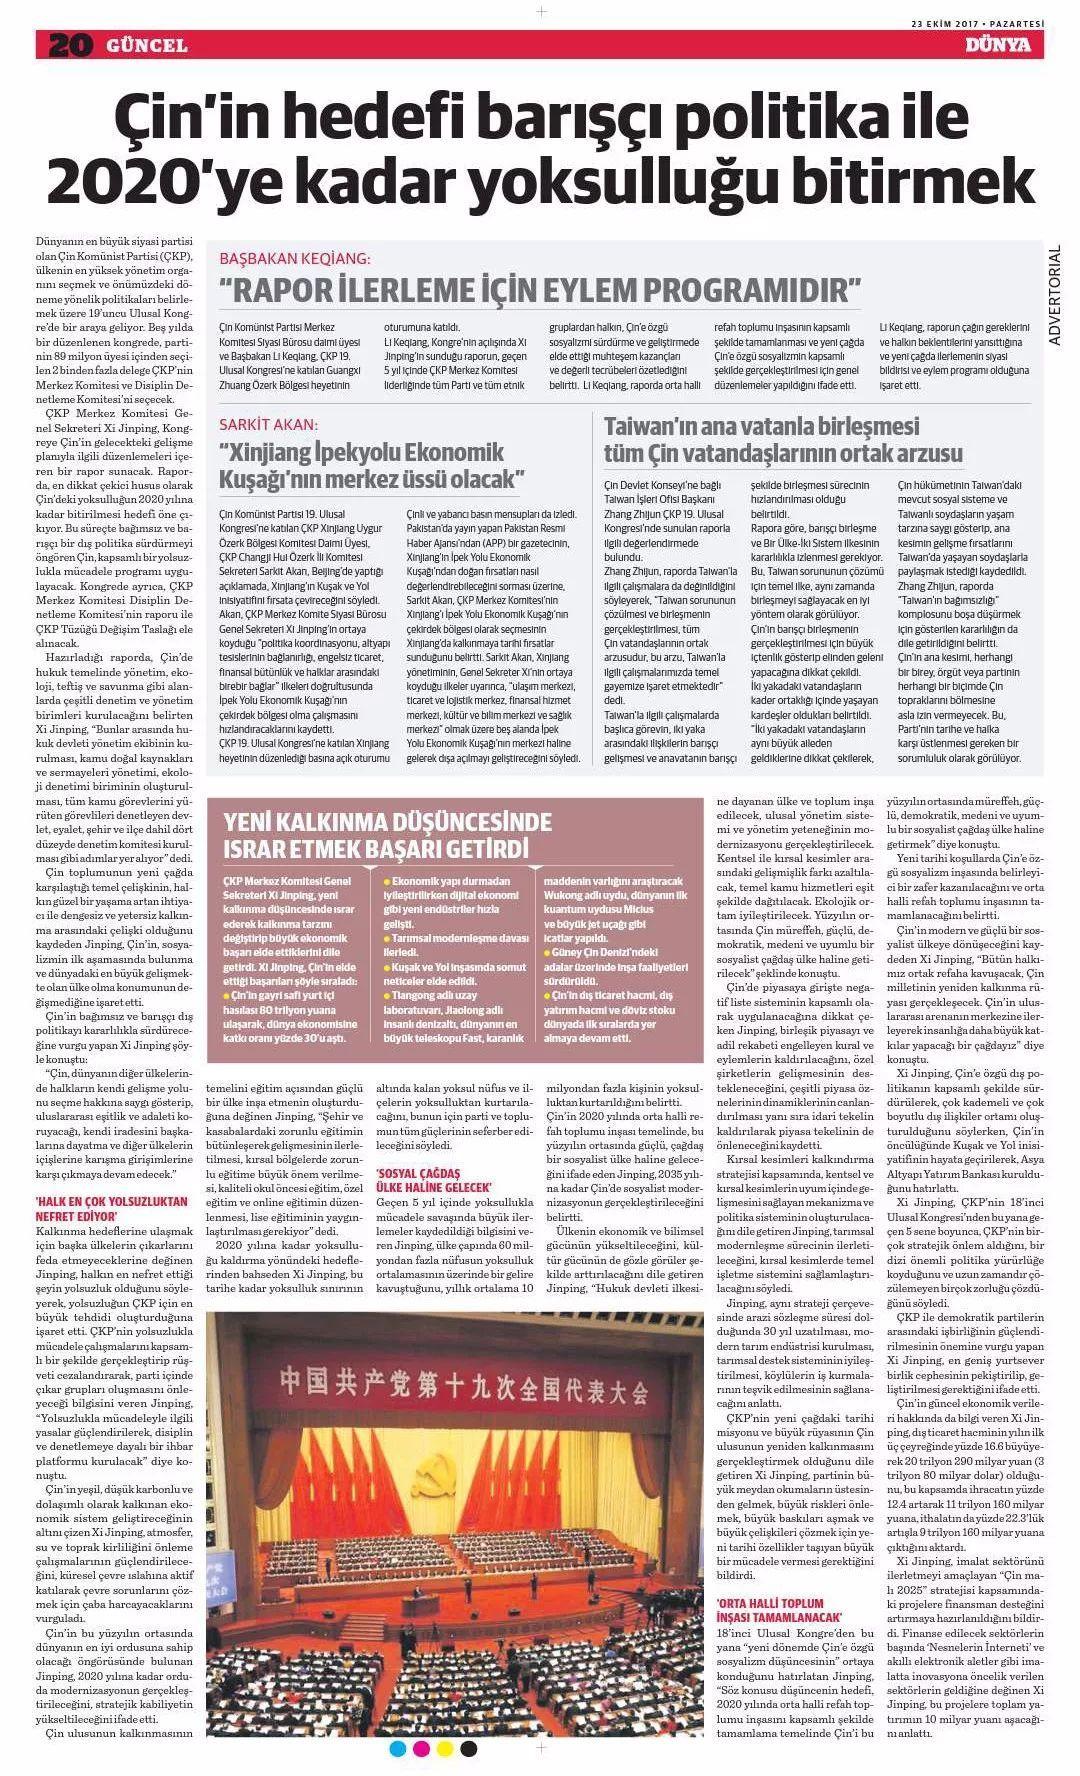 土耳其舆论热议十九大,郁红阳大使发表署名文章